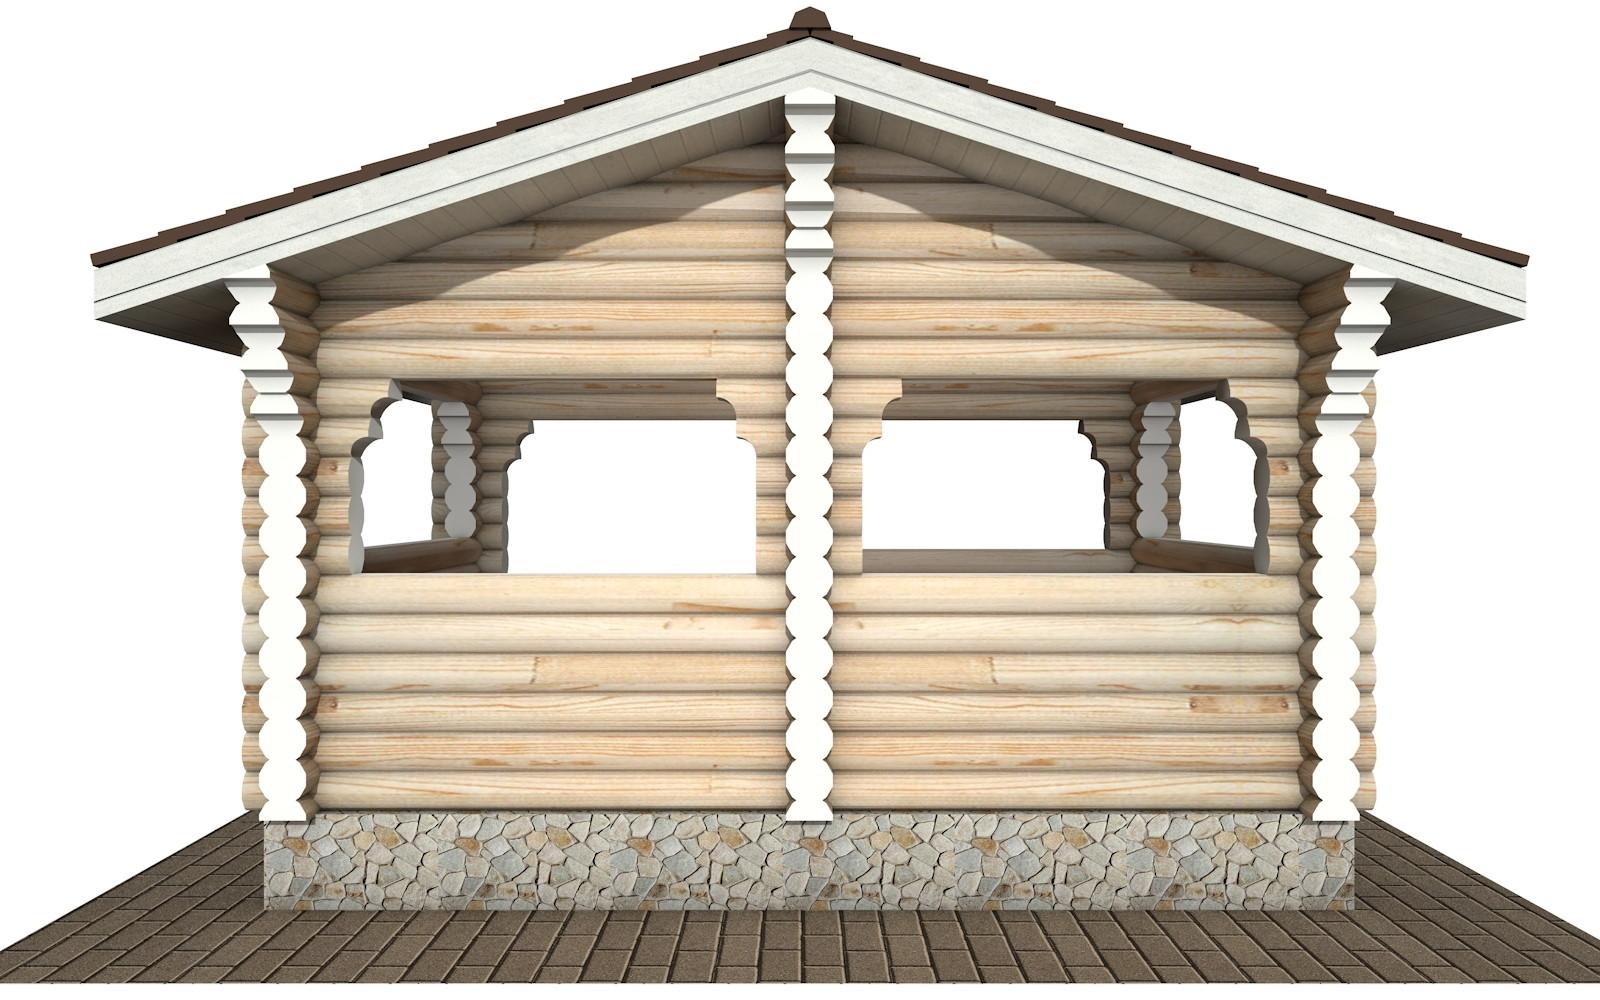 Фото #7: деревянная беседка БС-21 из бревна